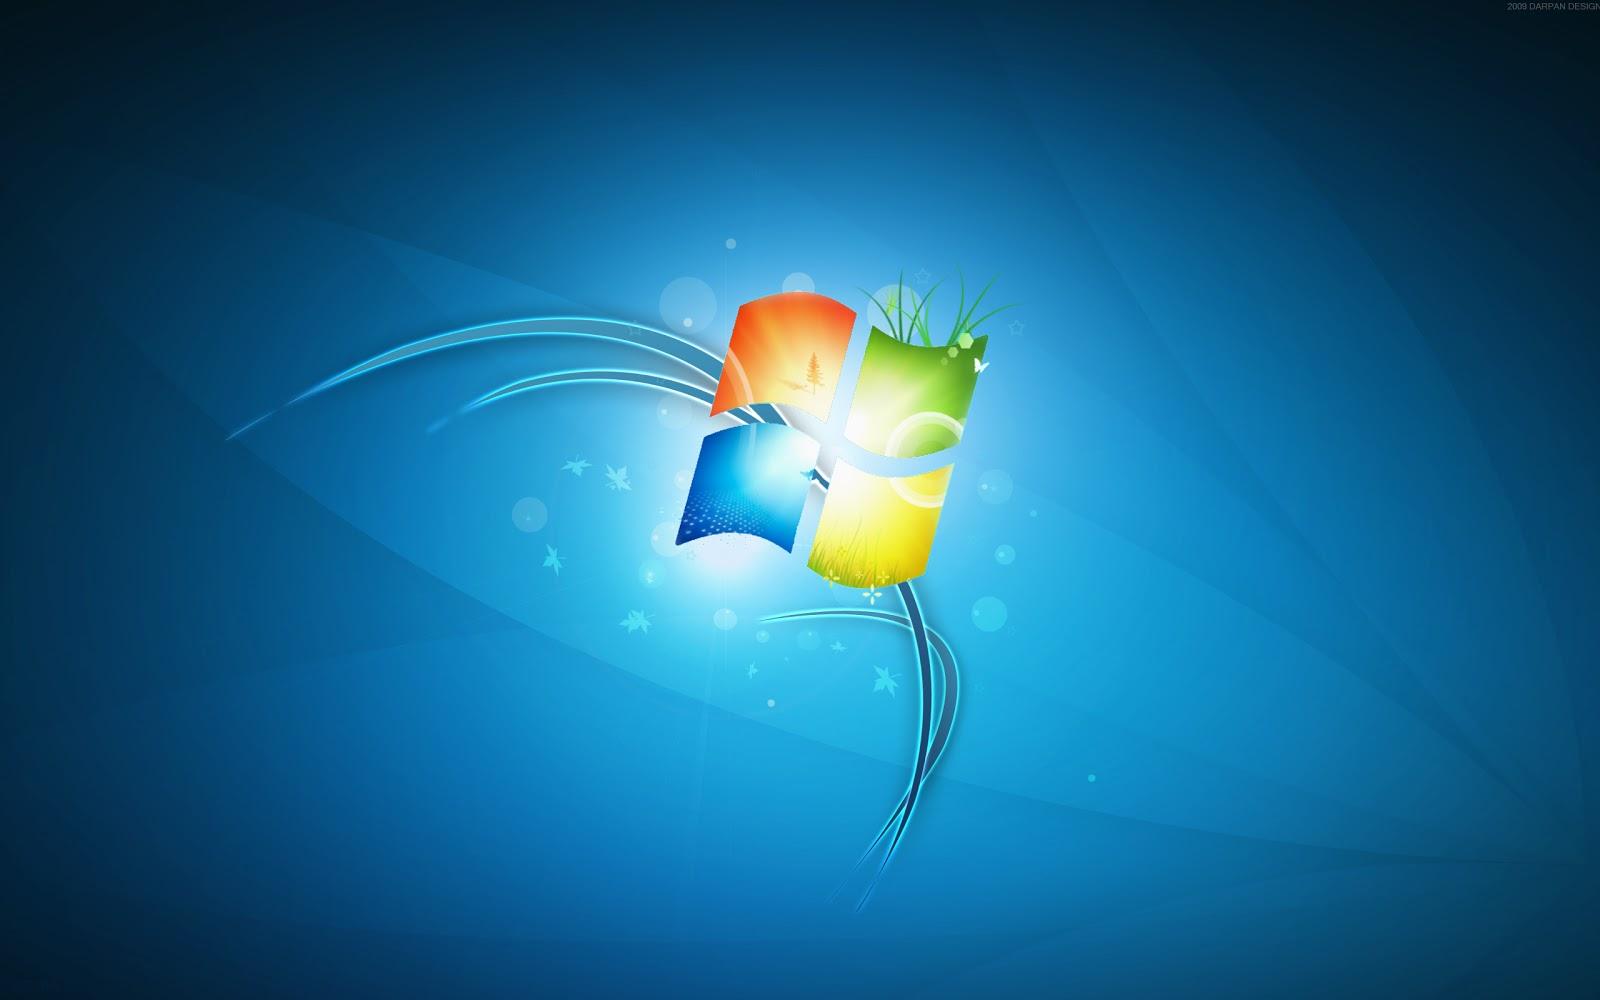 http://4.bp.blogspot.com/-54WPnxw5UME/UJlOkbg0iaI/AAAAAAAAAJw/5jKASi7iSN0/s1600/Windows-HD-wallpaper.jpg